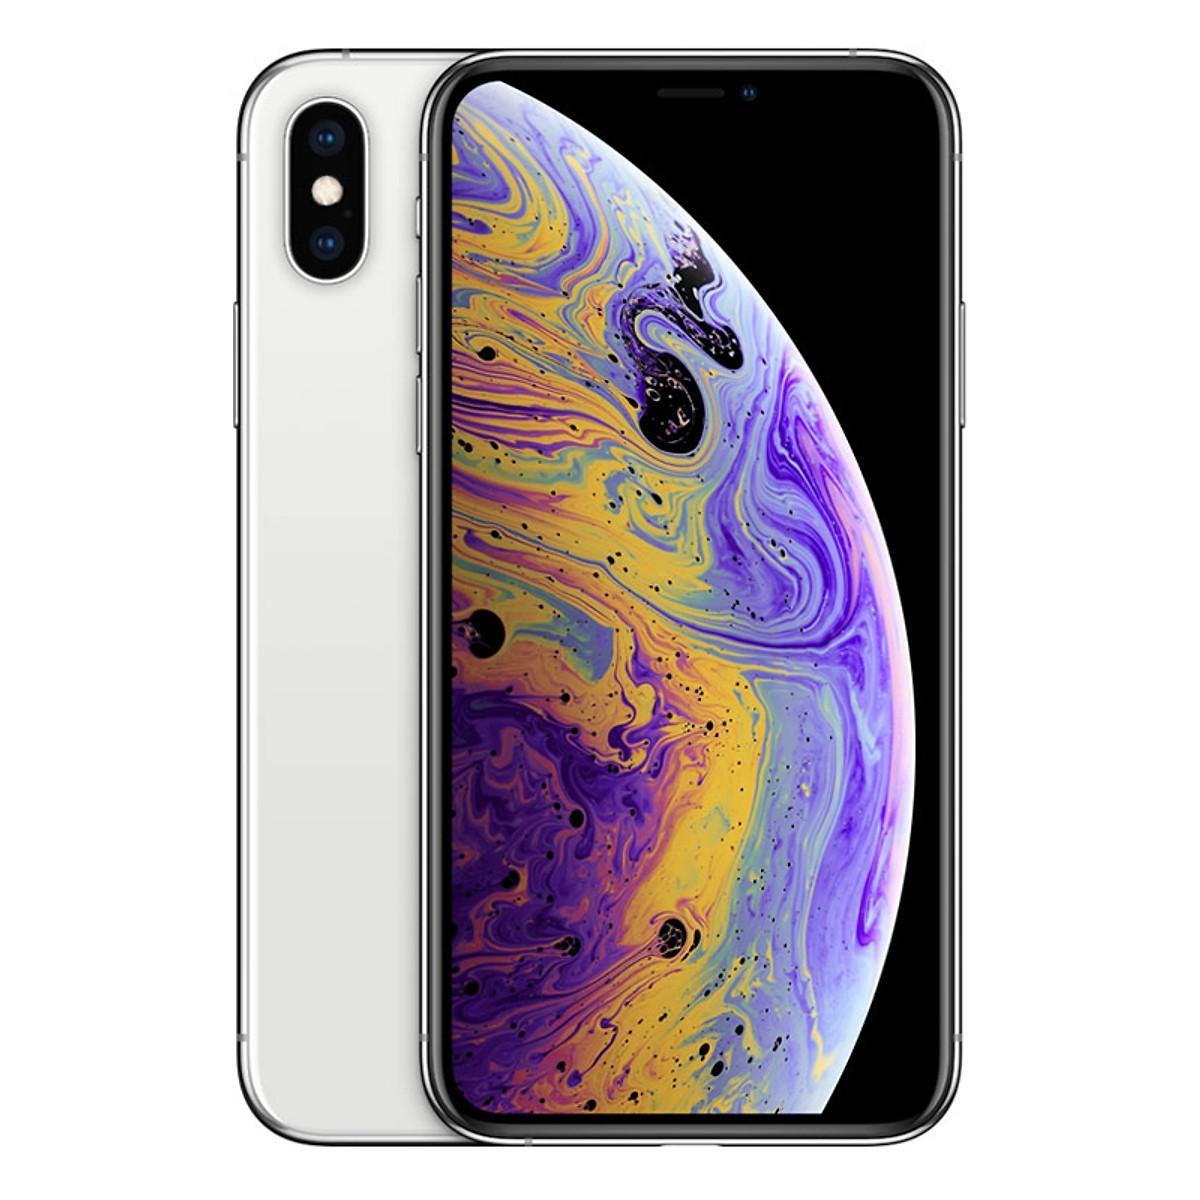 Điện Thoại iPhone XS Max 256GB - Hàng Nhập Khẩu - Silver